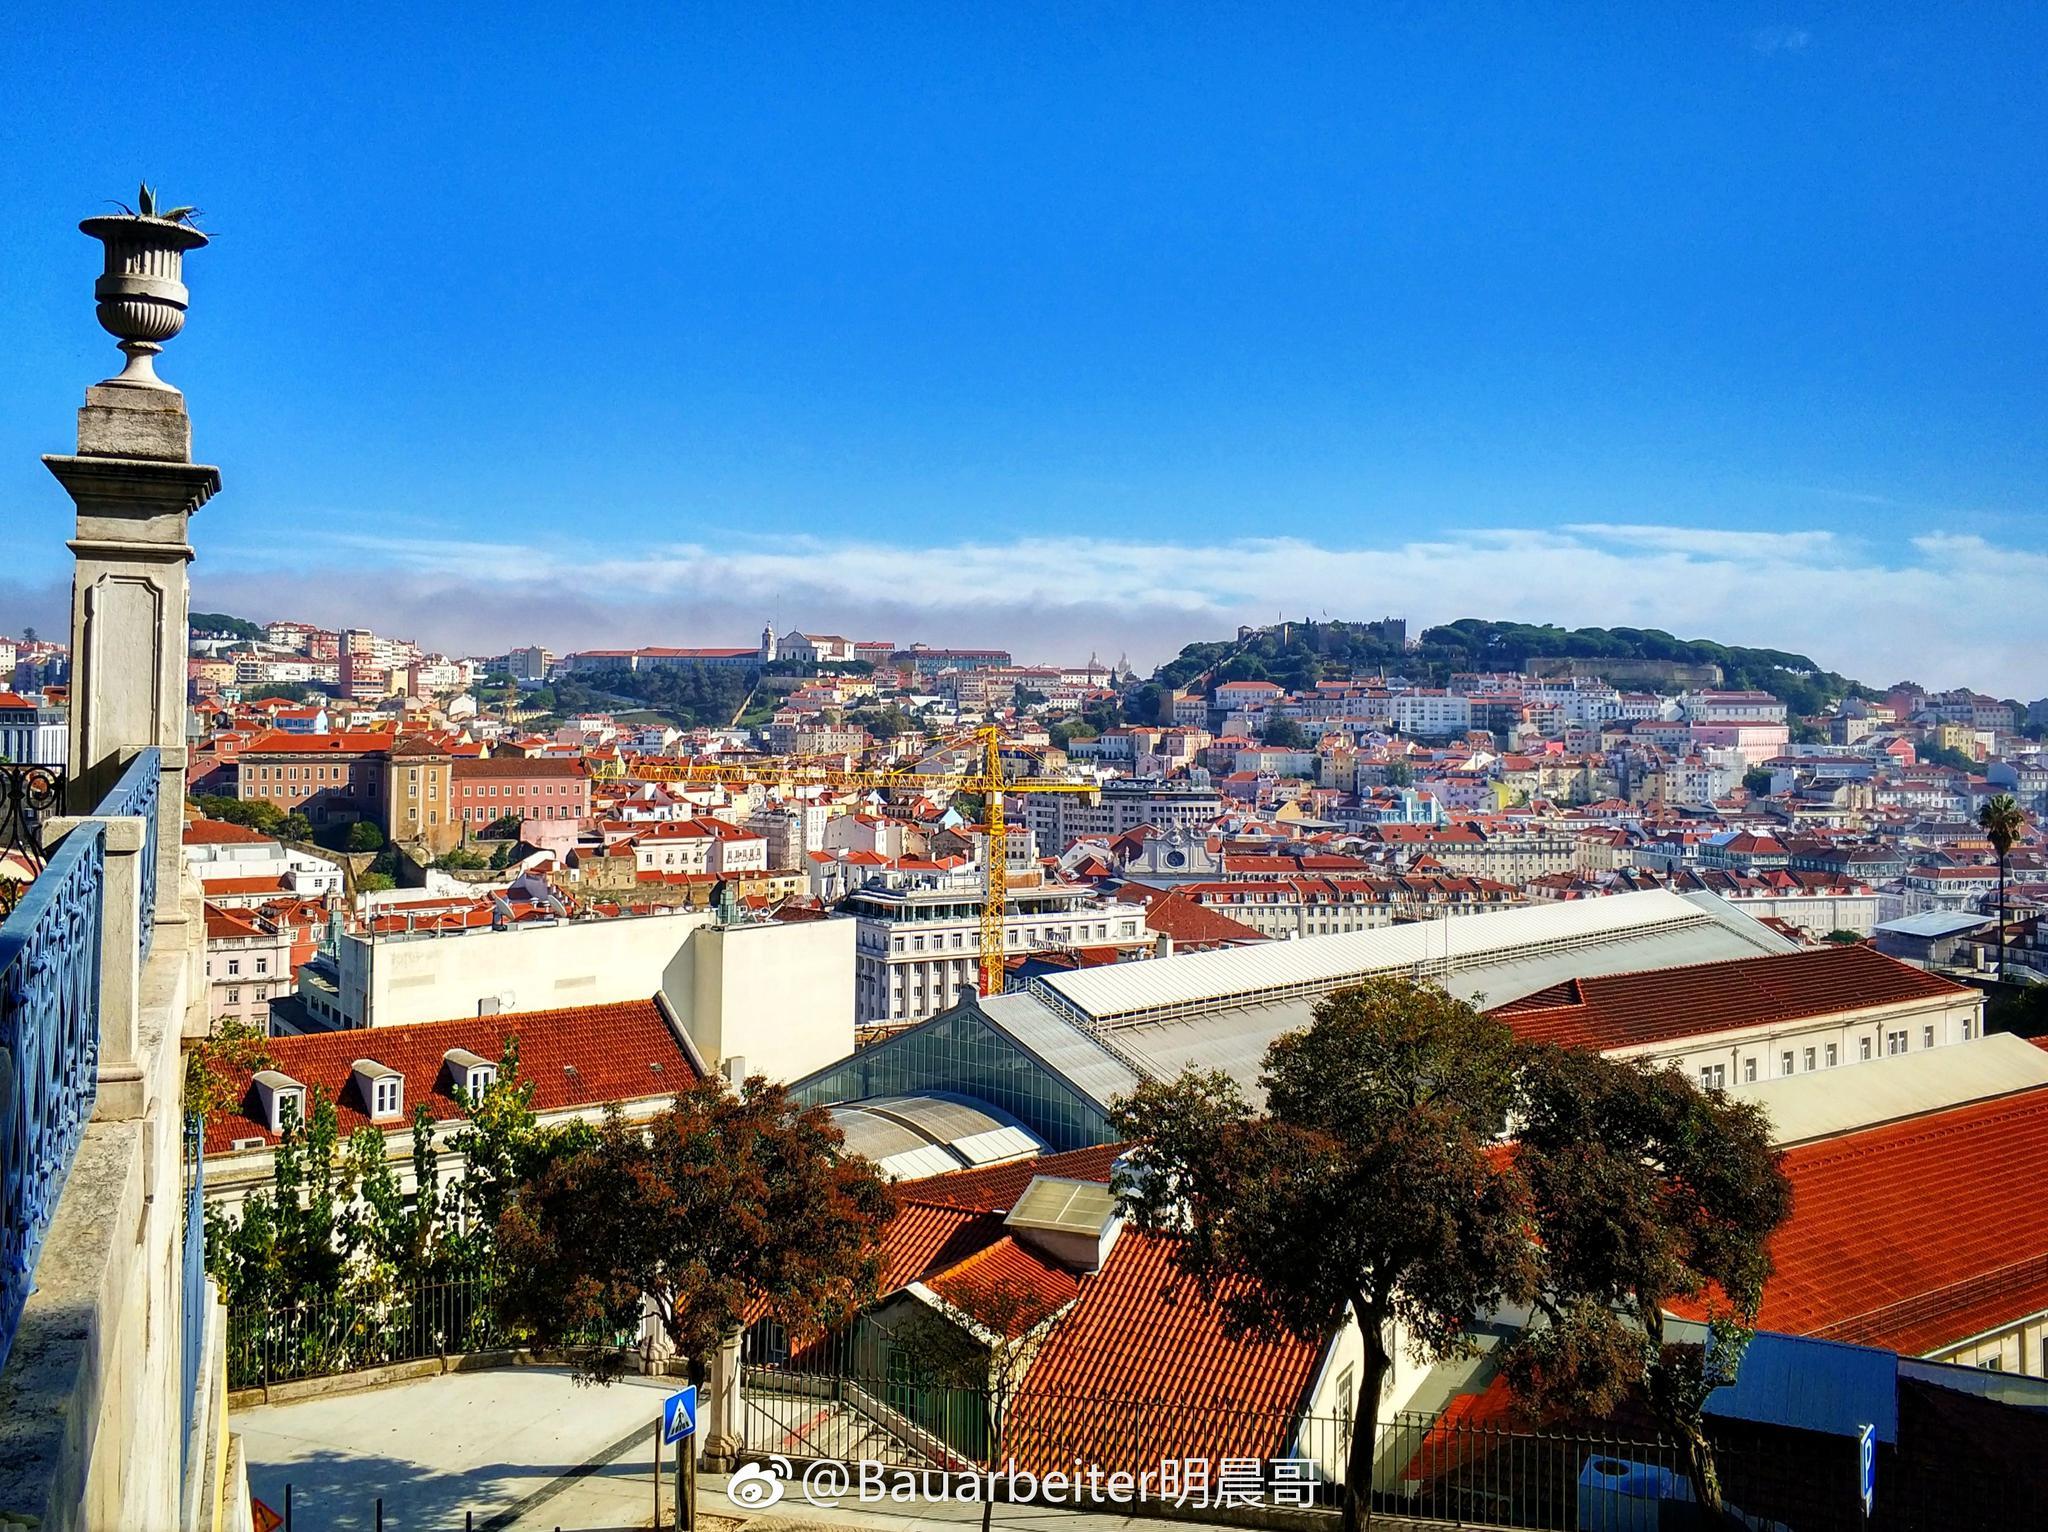 里斯本,欧洲大陆最西端的城市